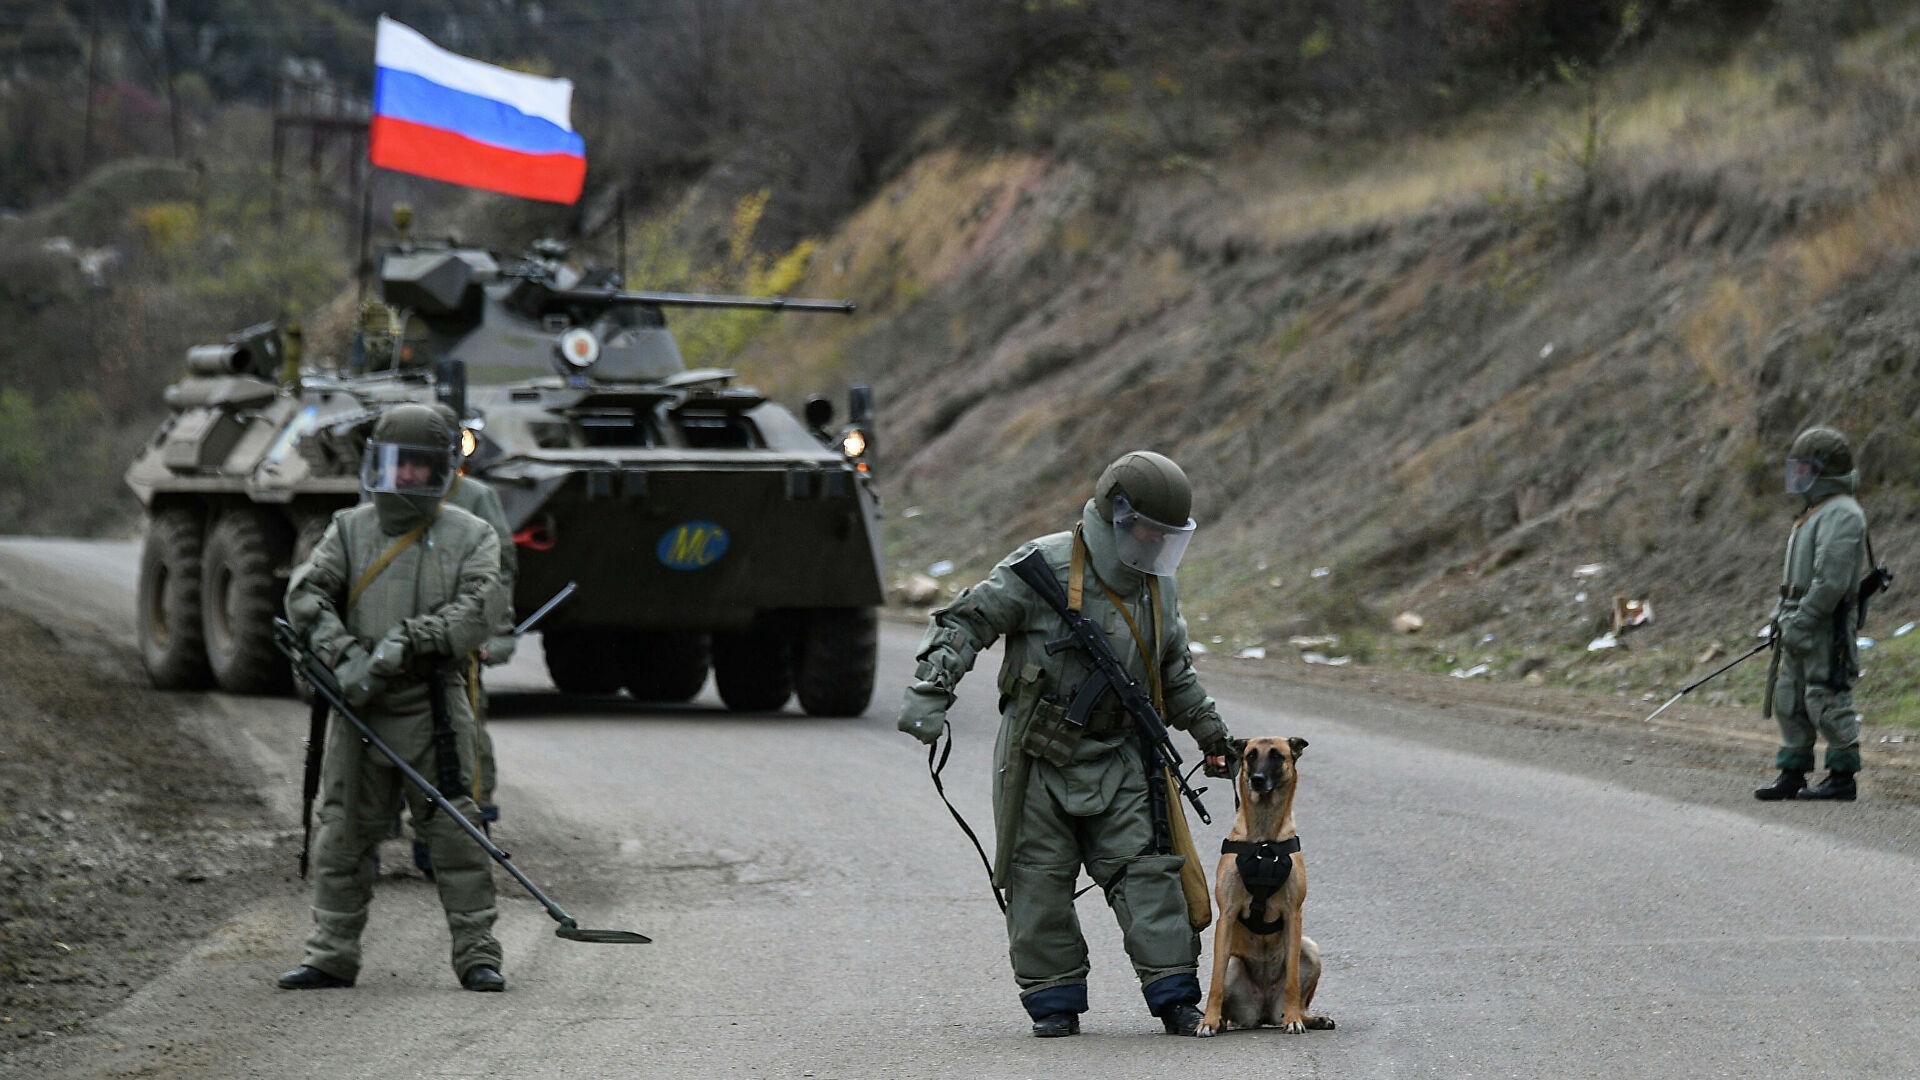 Јереван: Руски граничари ће обезбеђивати деоницу пута која се граничи са Азербејџаном